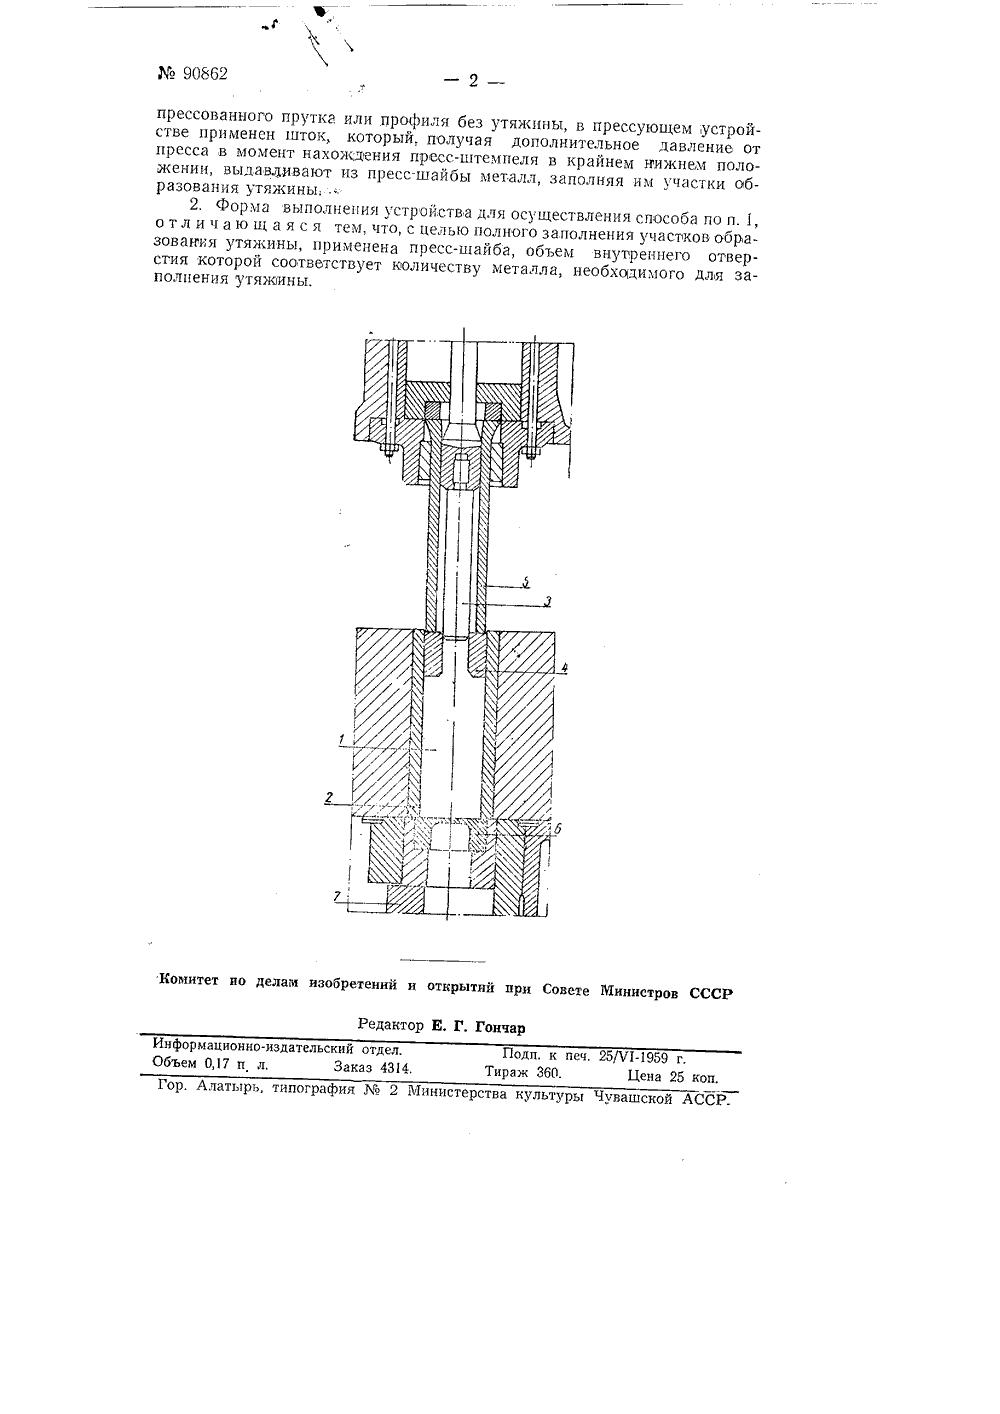 Схема цеха прессования металлов фото 932